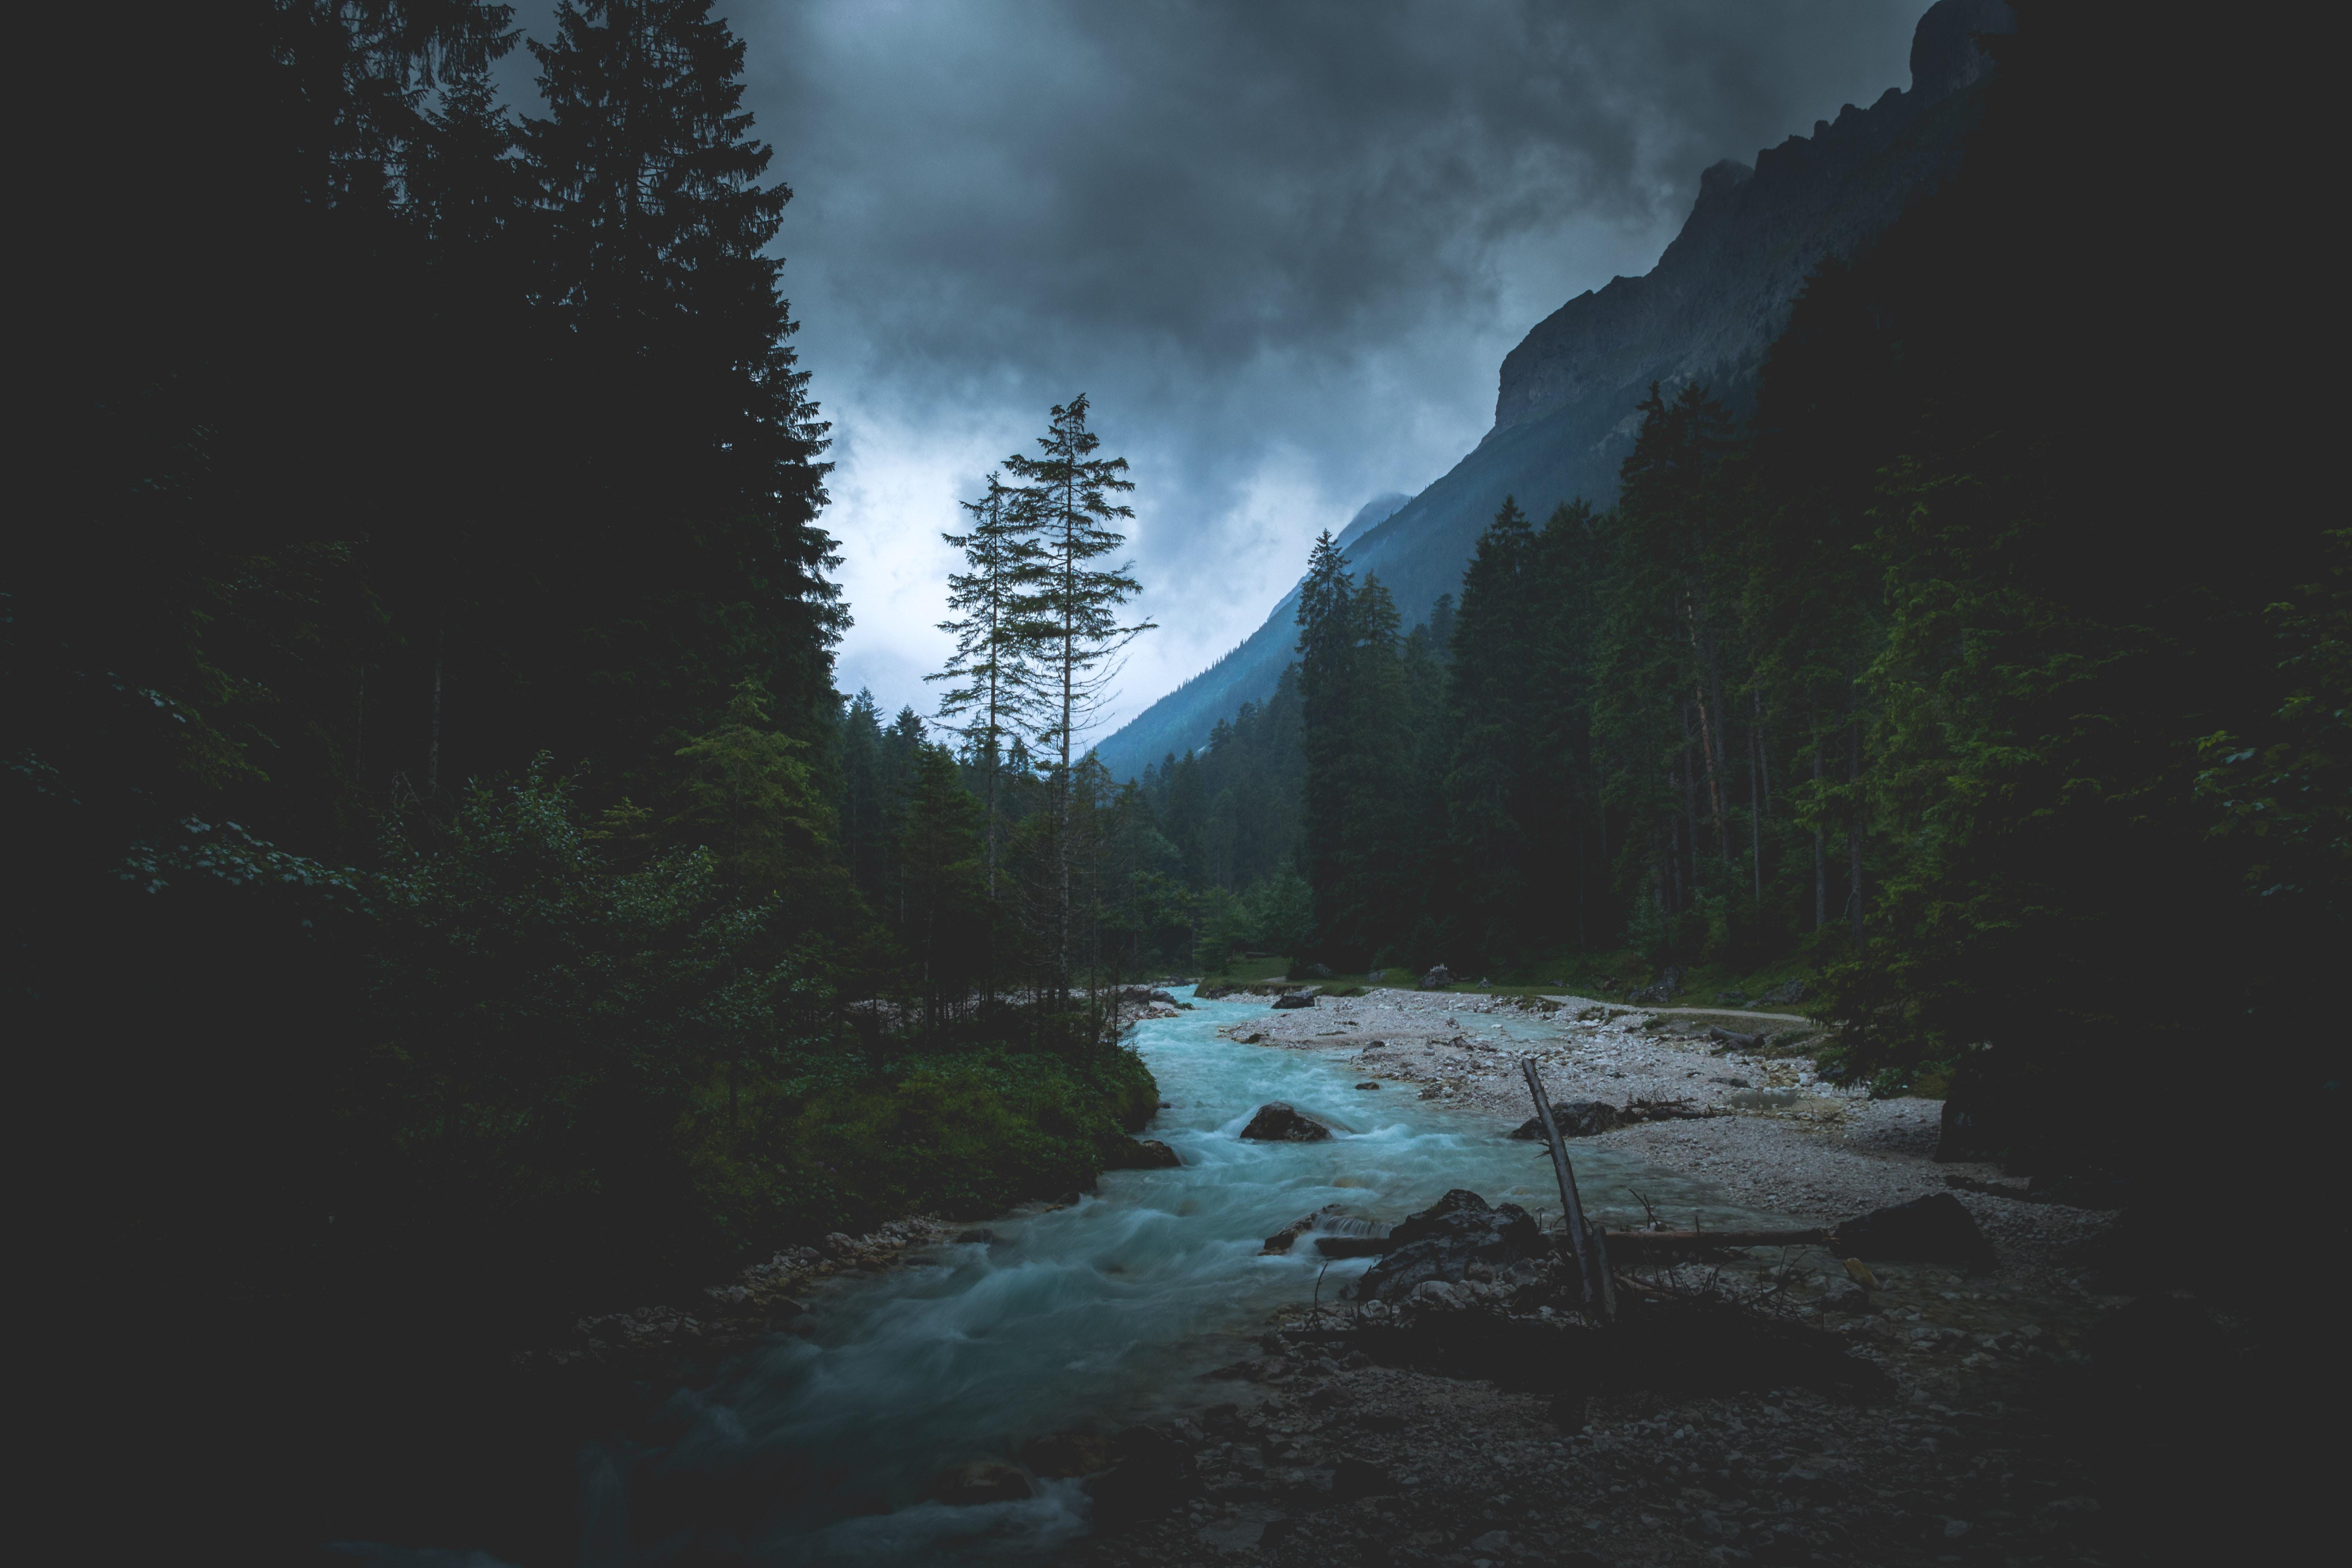 56269 descargar fondo de pantalla Naturaleza, Ríos, Bosque, Oscuridad, Crepúsculo, Montañas, Paisaje: protectores de pantalla e imágenes gratis